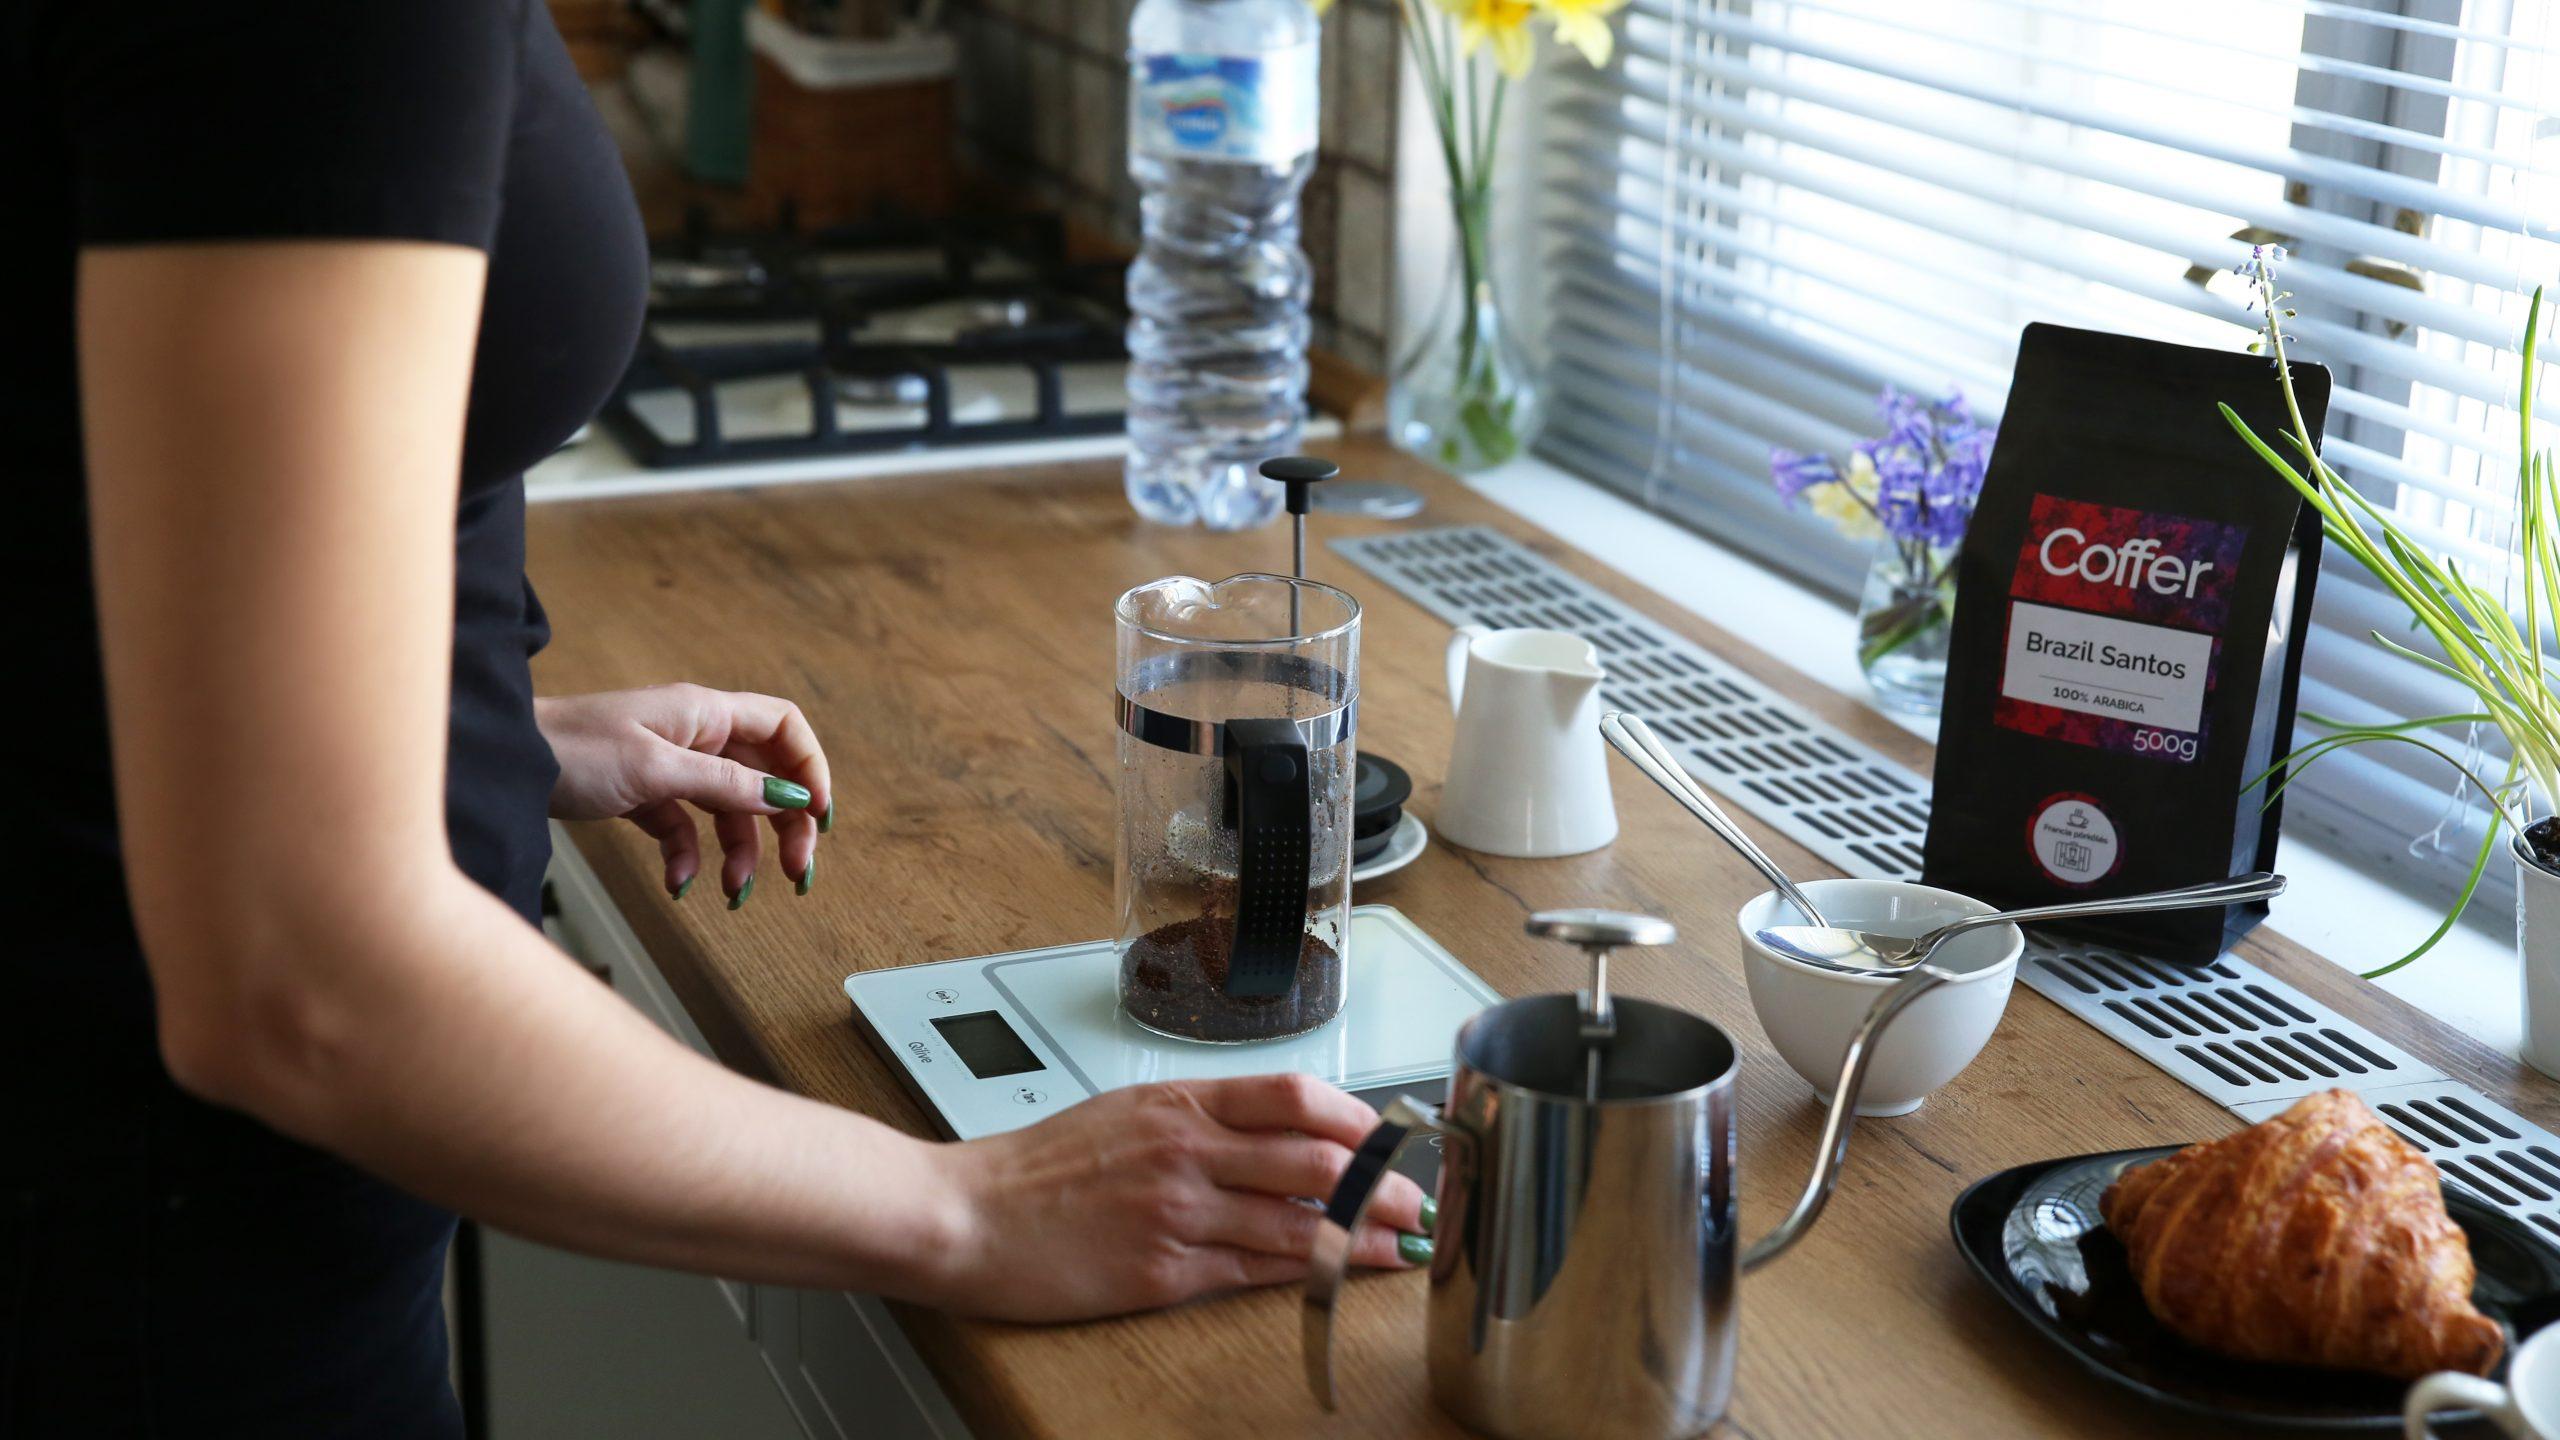 Előmelegítés és kávé őrlés